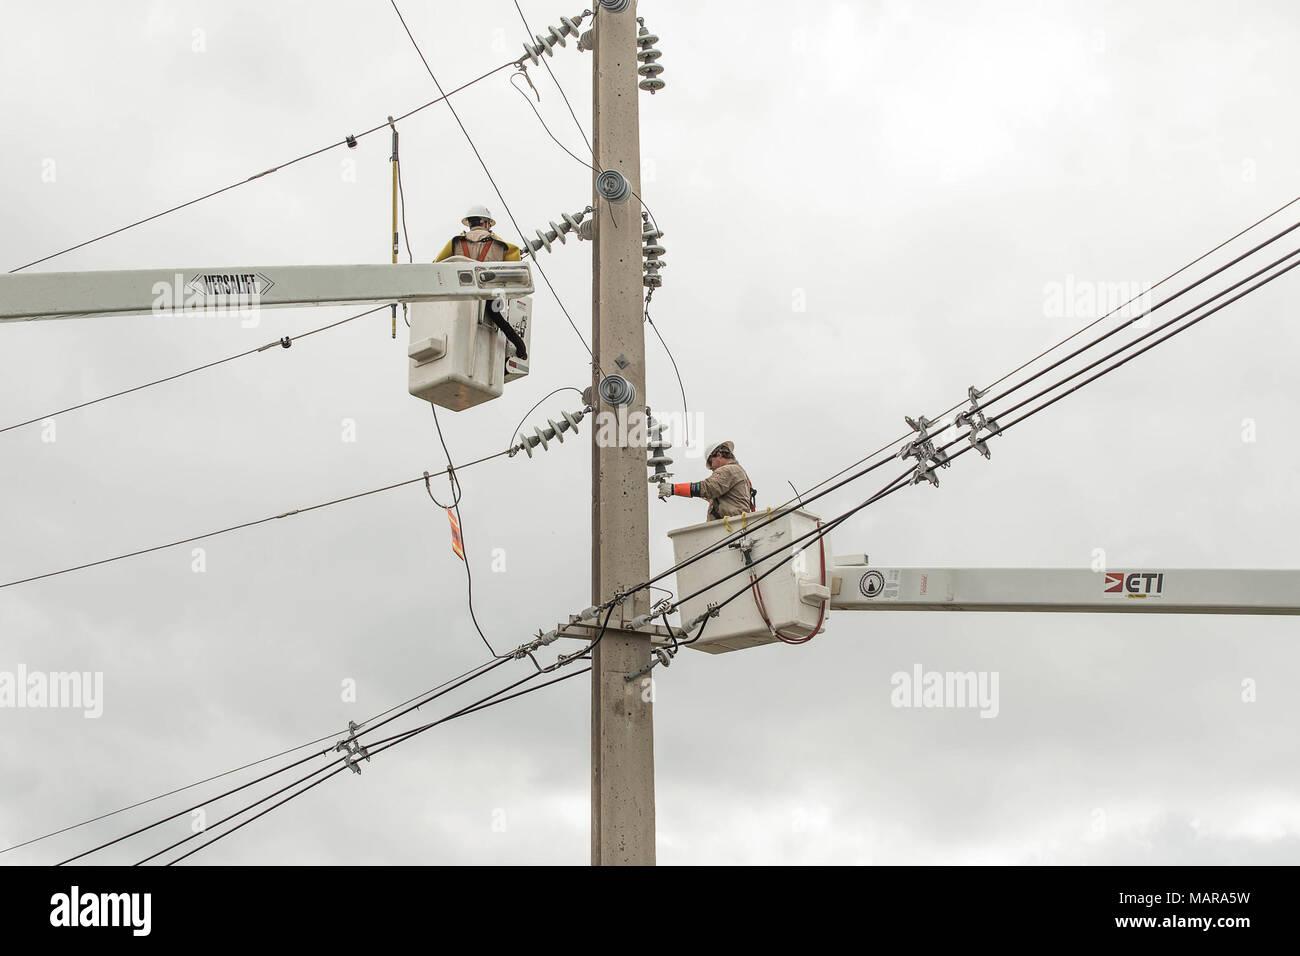 Mayaguez, Puerto Rico, Dec. 8, 2017--Contractors of U.S. Army Corps ...